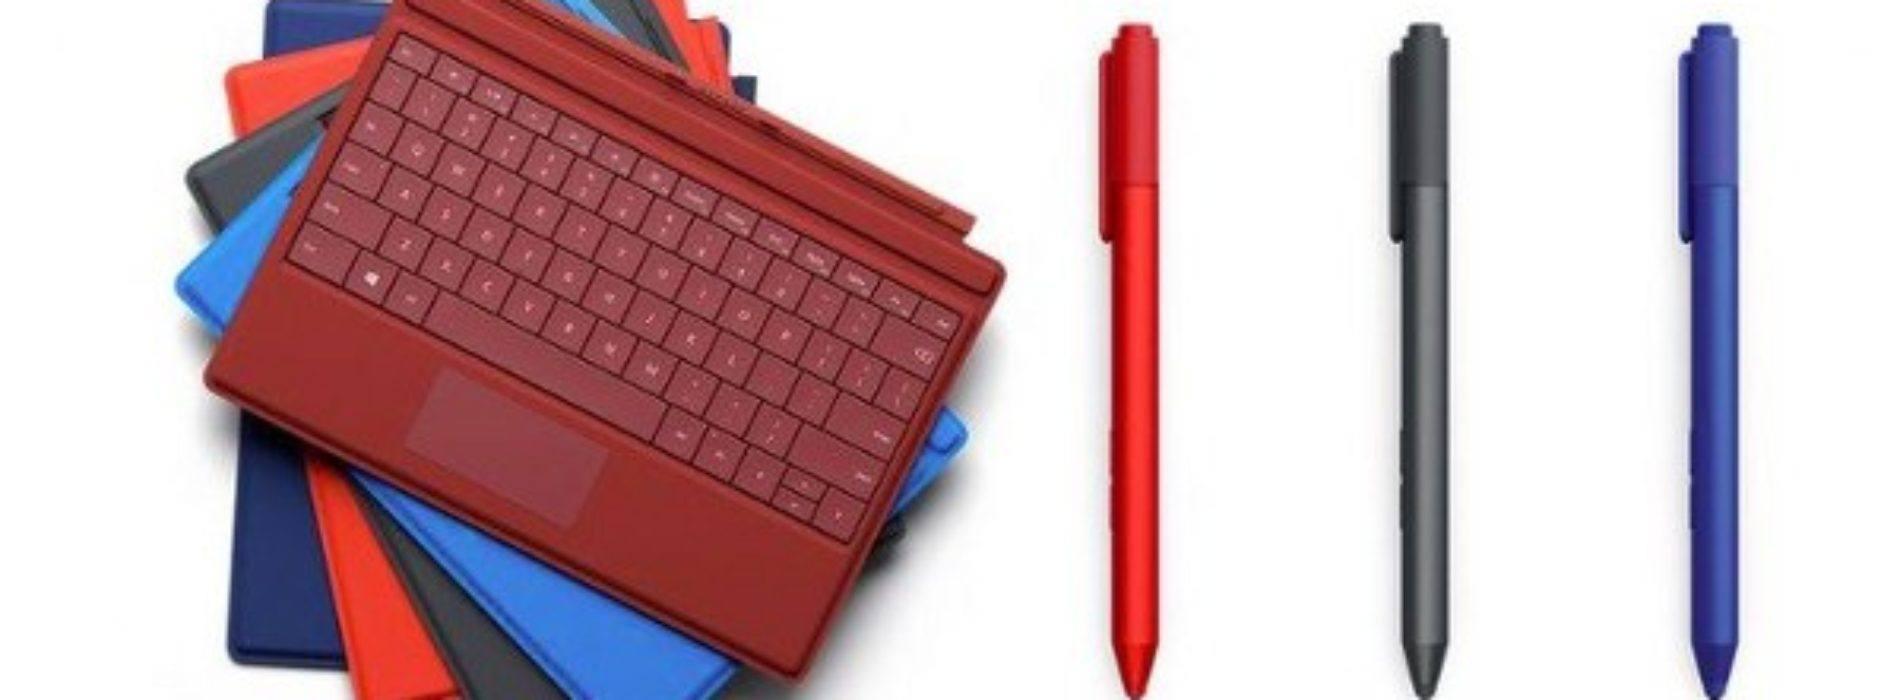 Microsoft anuncia el Surface 3